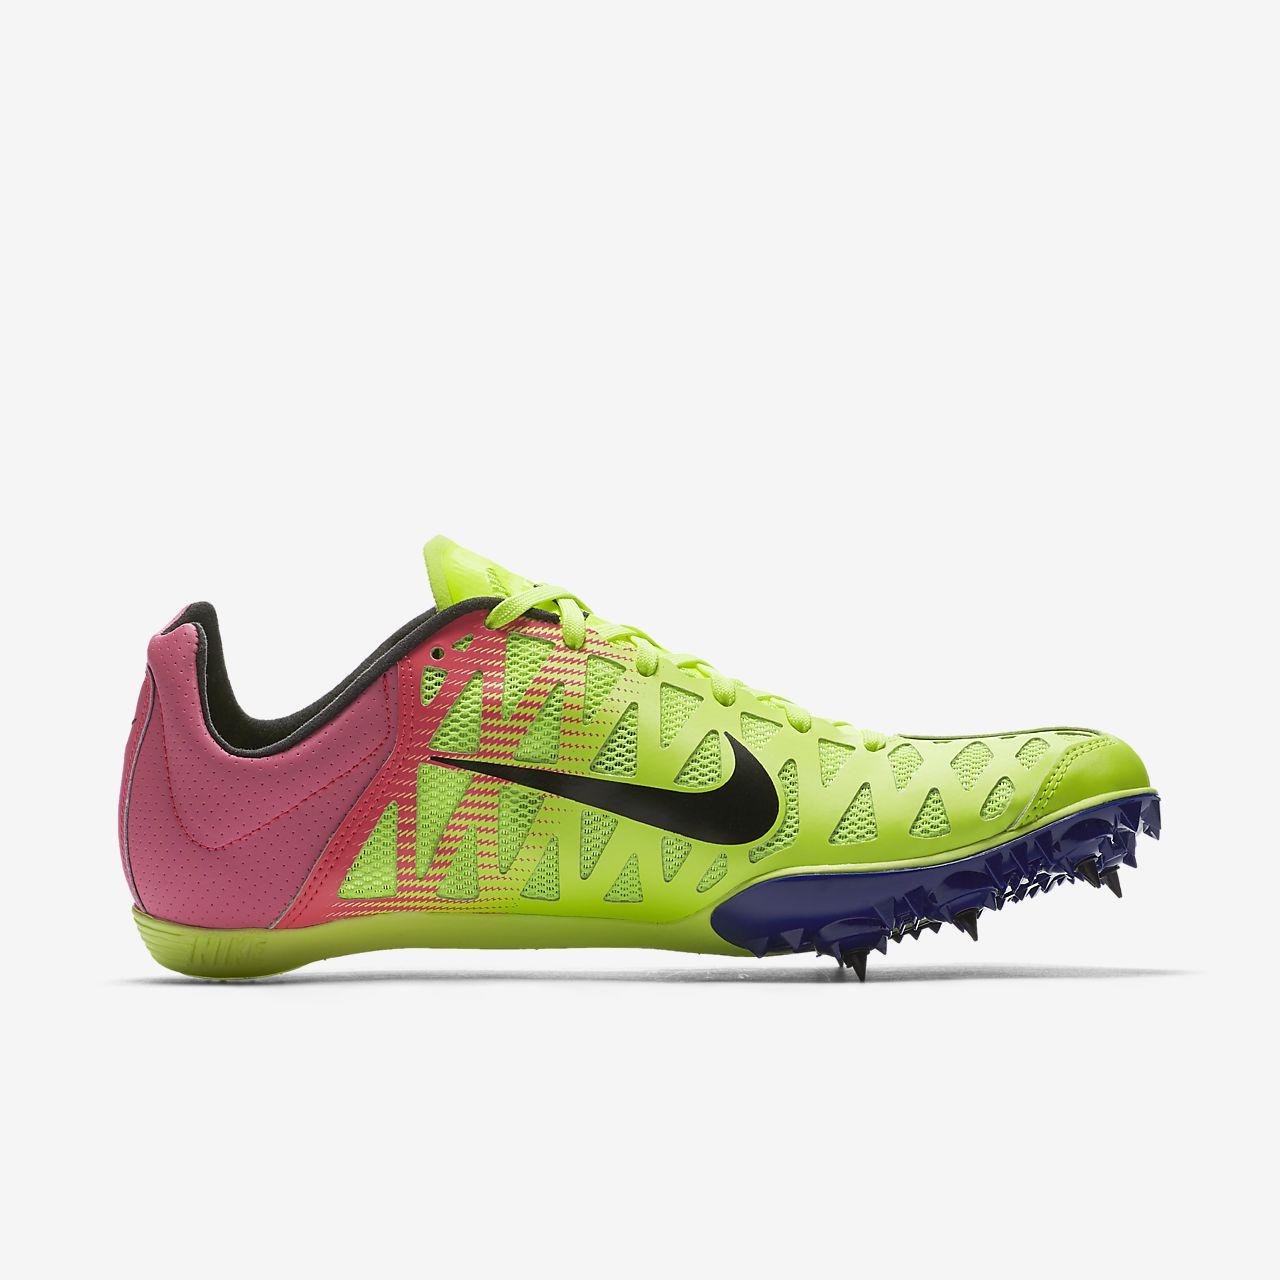 ... Chaussure de course de vitesse à pointes mixte Nike Zoom Maxcat 4 OC